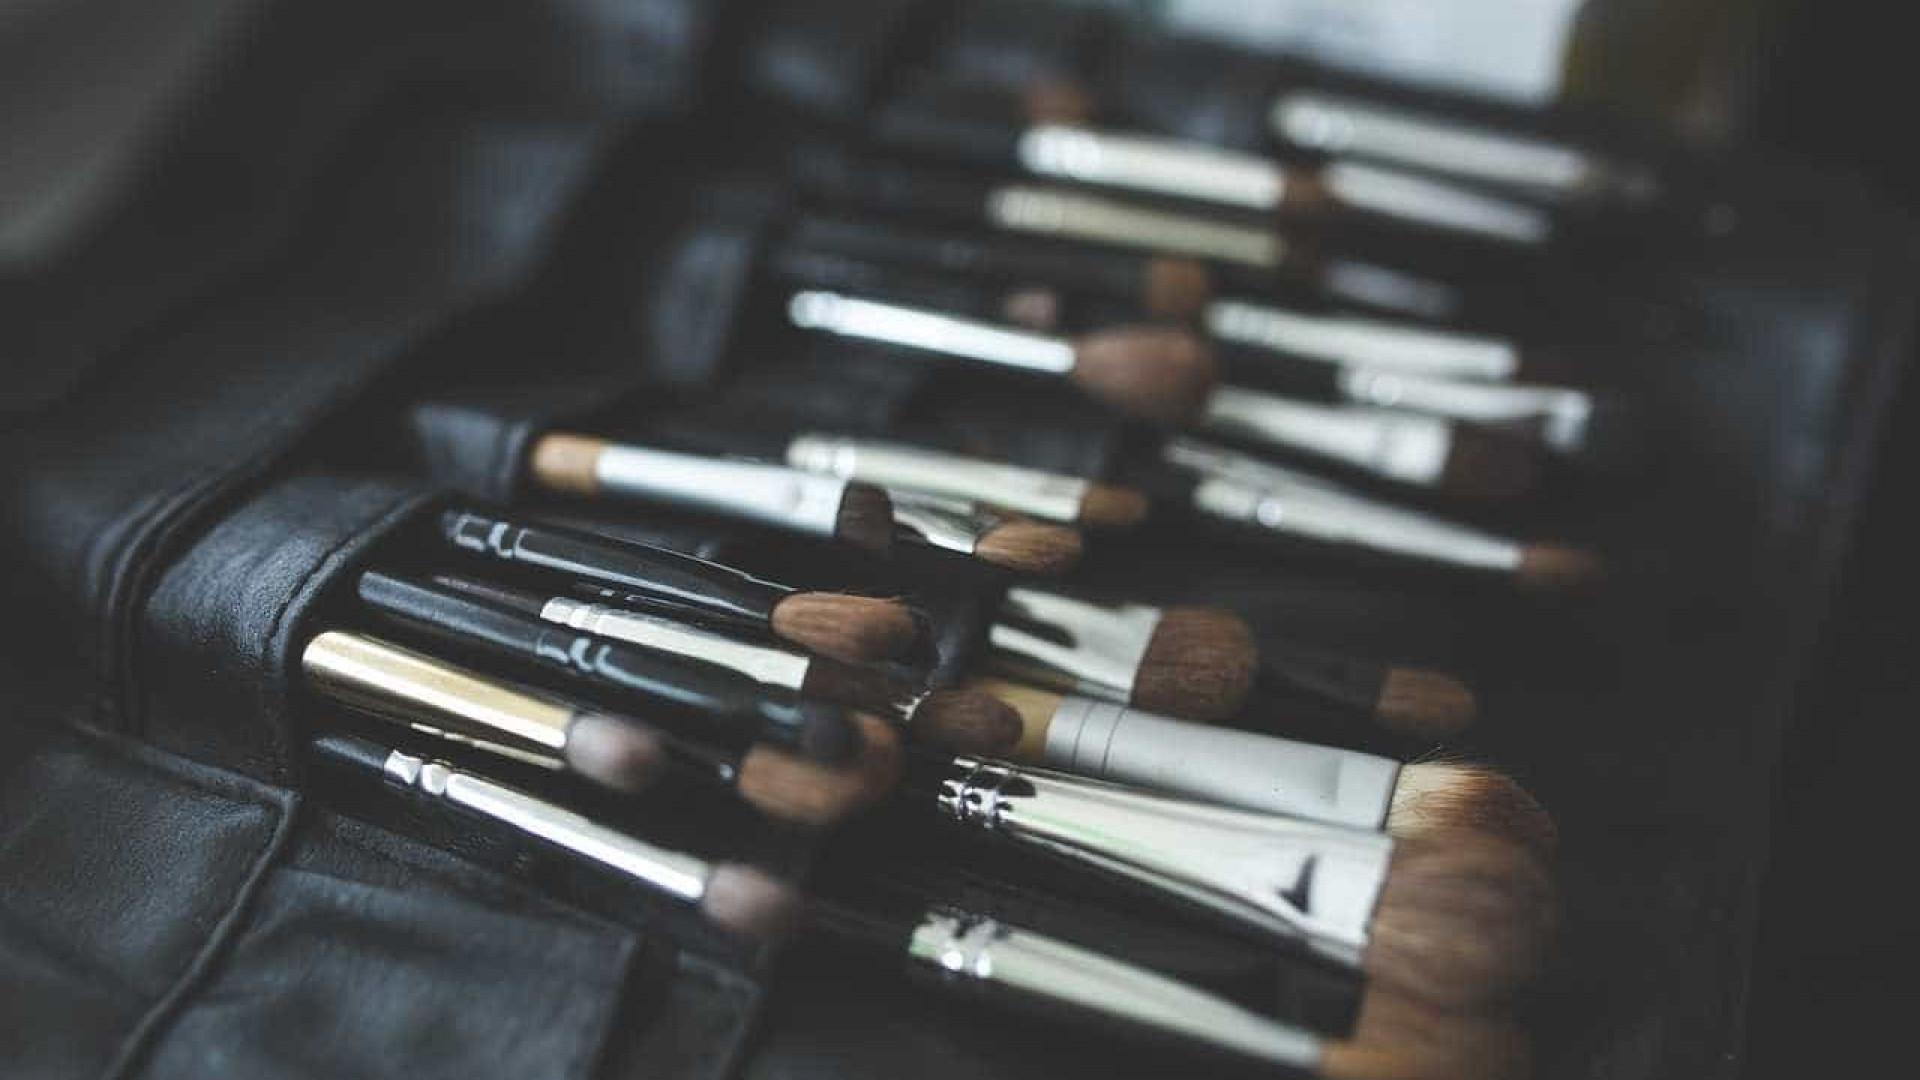 Saiba como limpar os pincéis de maquiagem (e com que frequência)